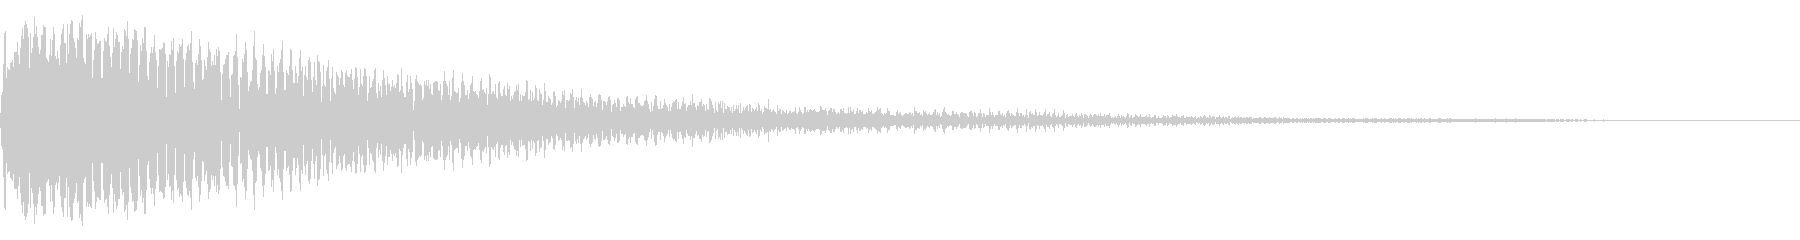 ピアノショッキング音、インパクト音の未再生の波形